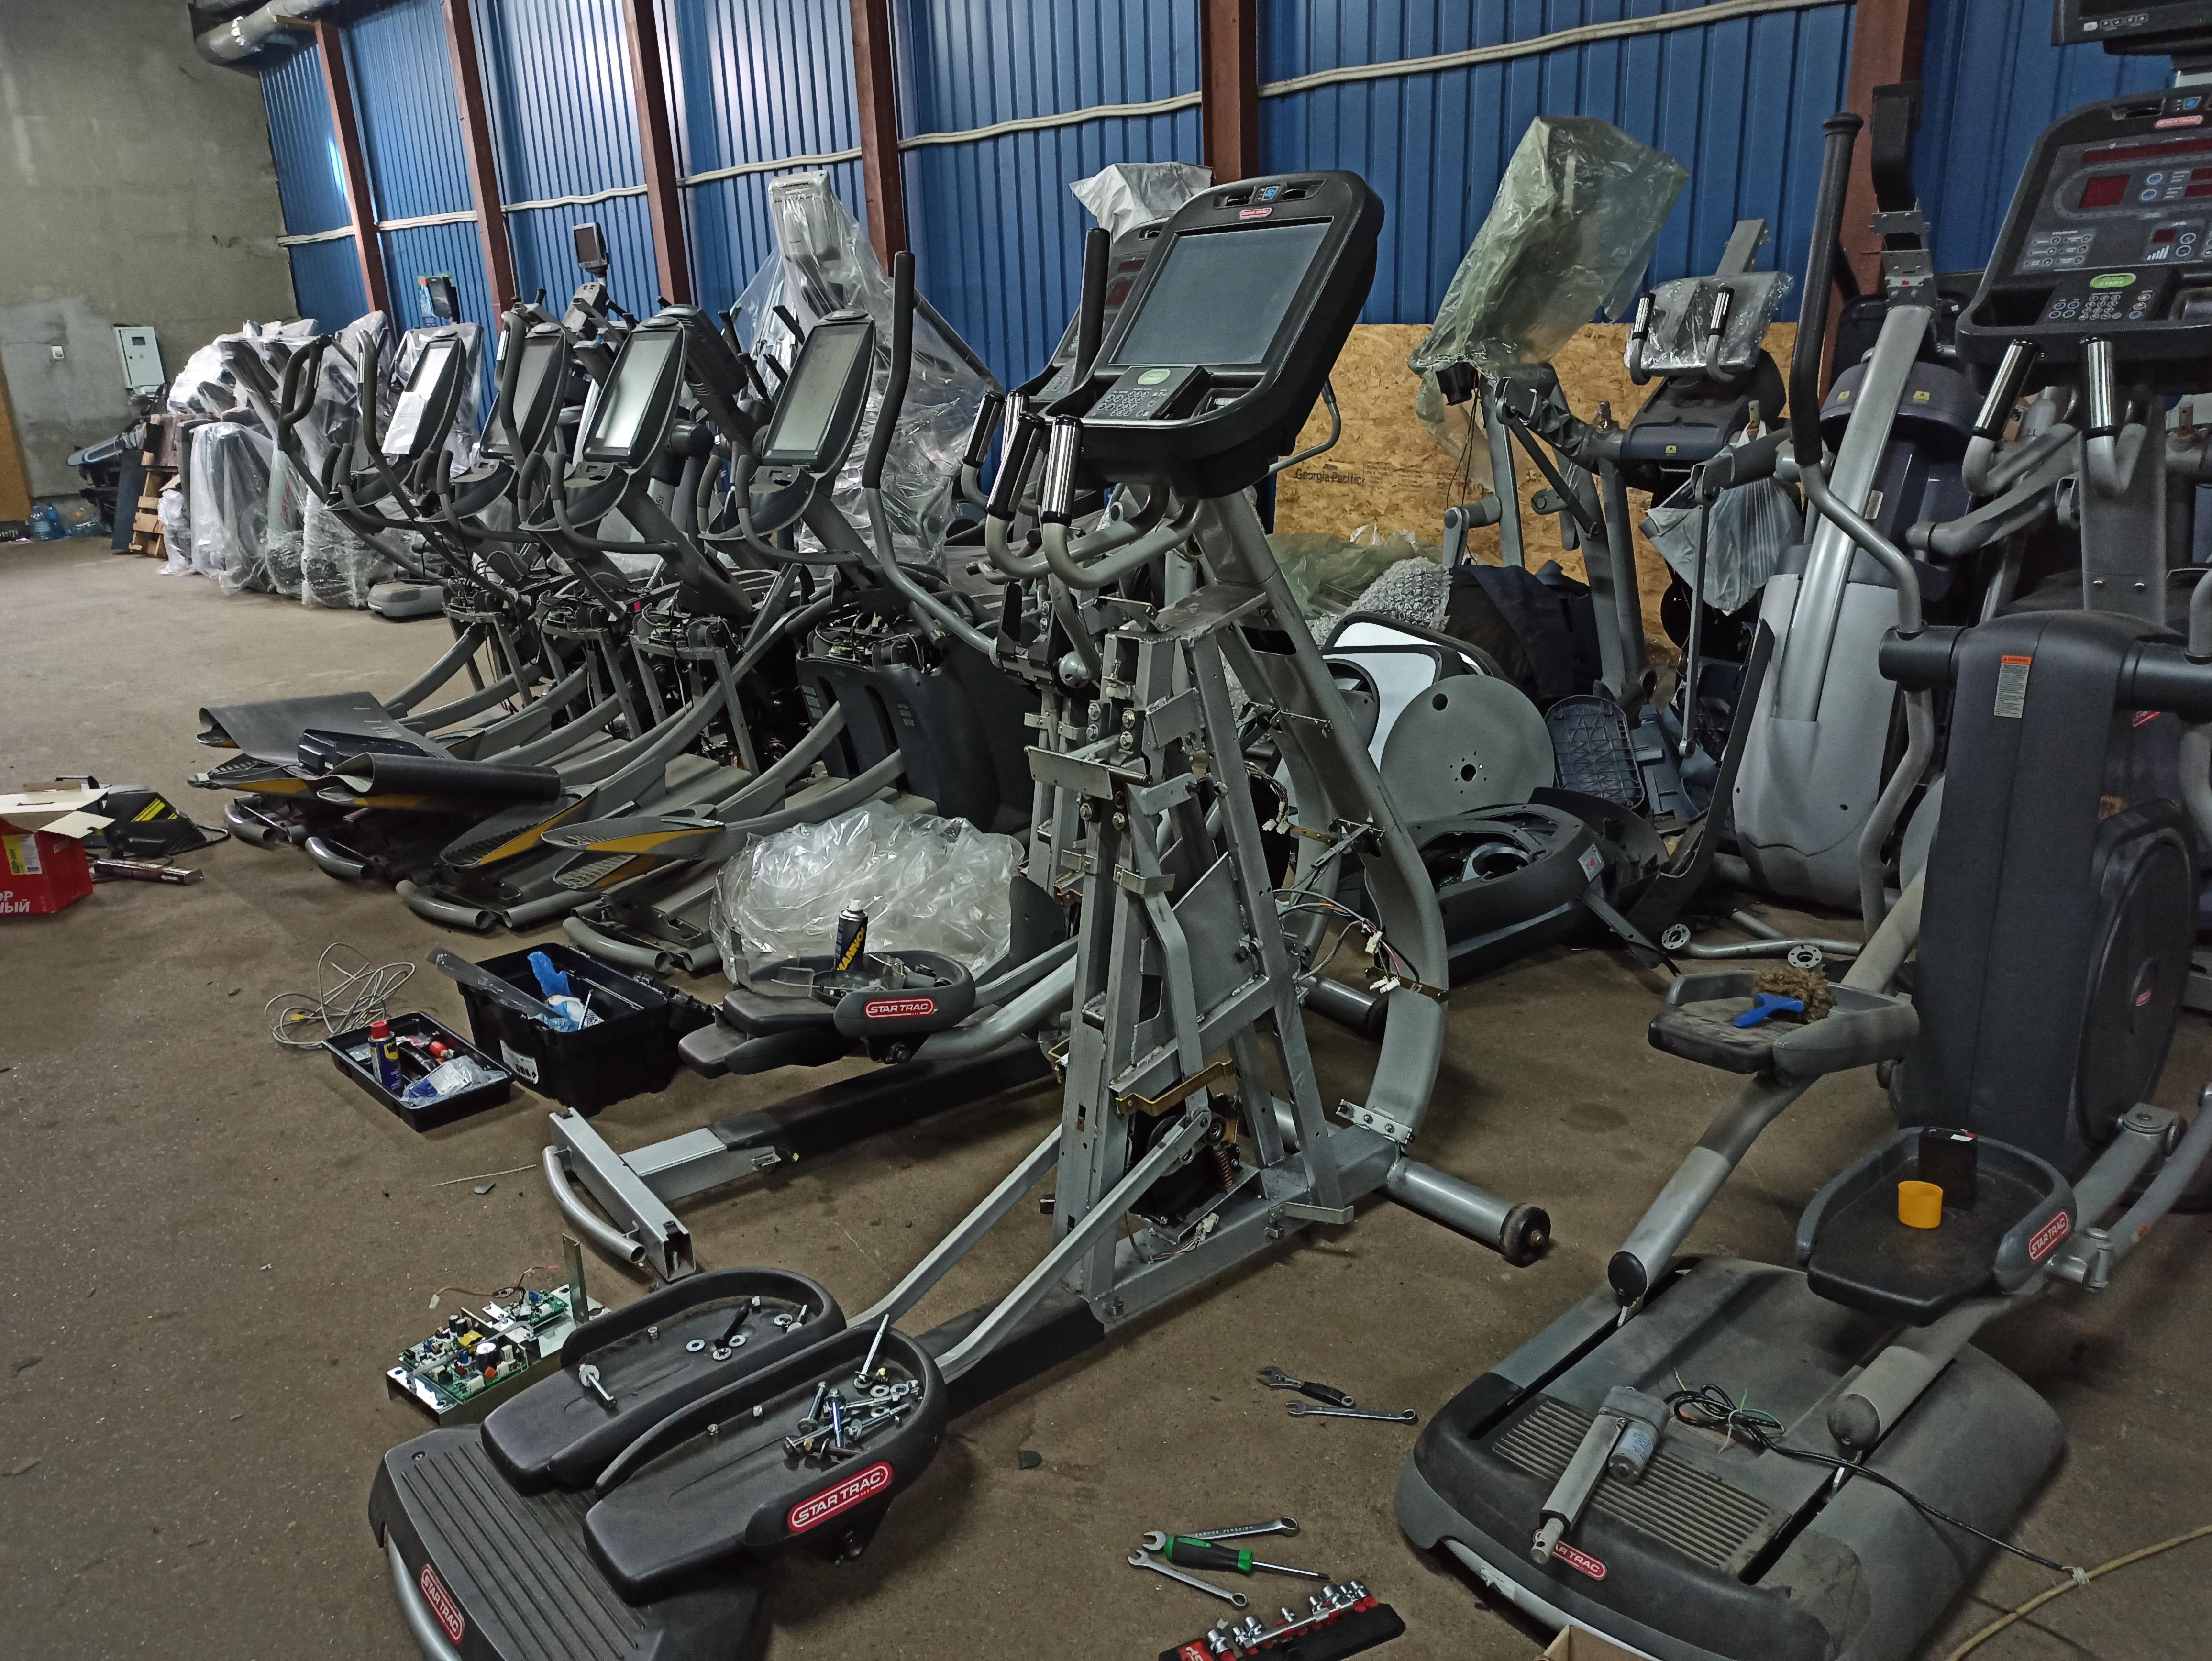 Фото Ремонт и обслуживание тренажеров - беговых дорожек, орбитреков, велотренажеров 1